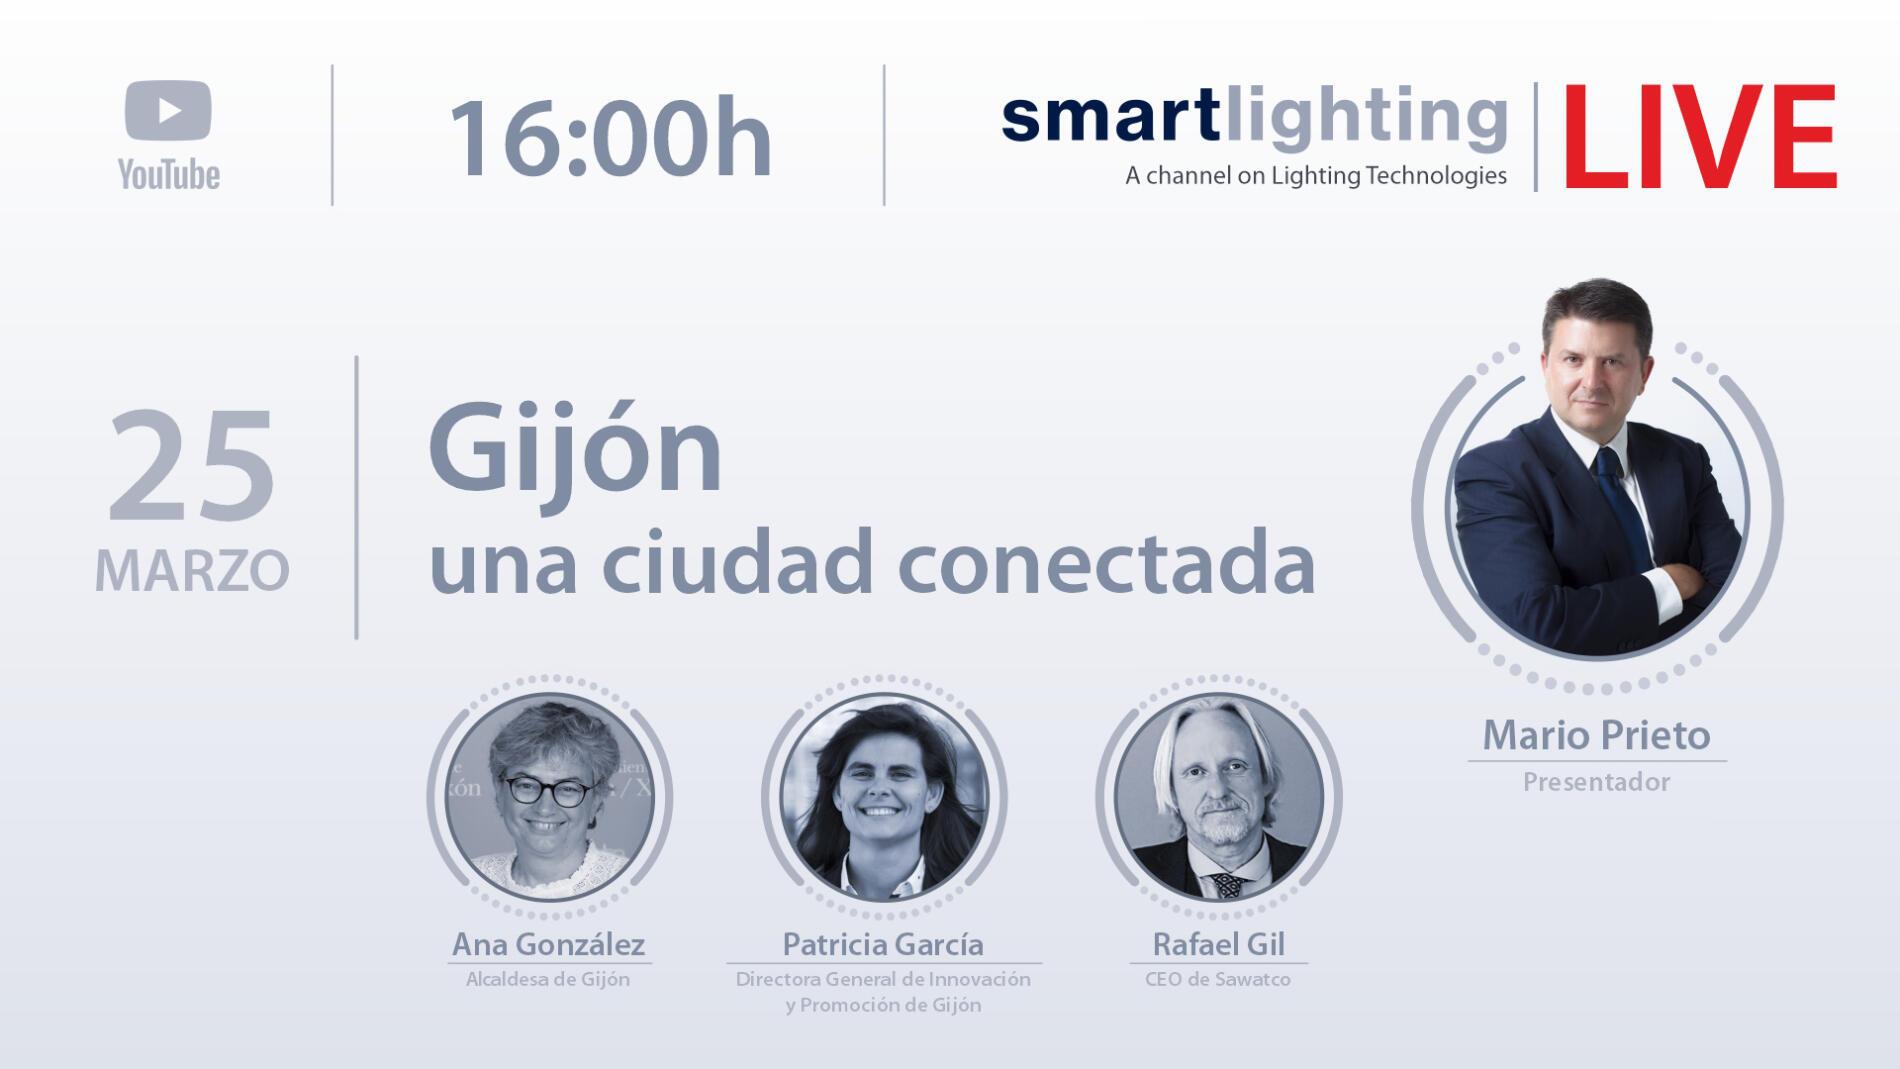 smartlighting, smartlighting LIVE, Gijón, Licitación alumbrado público